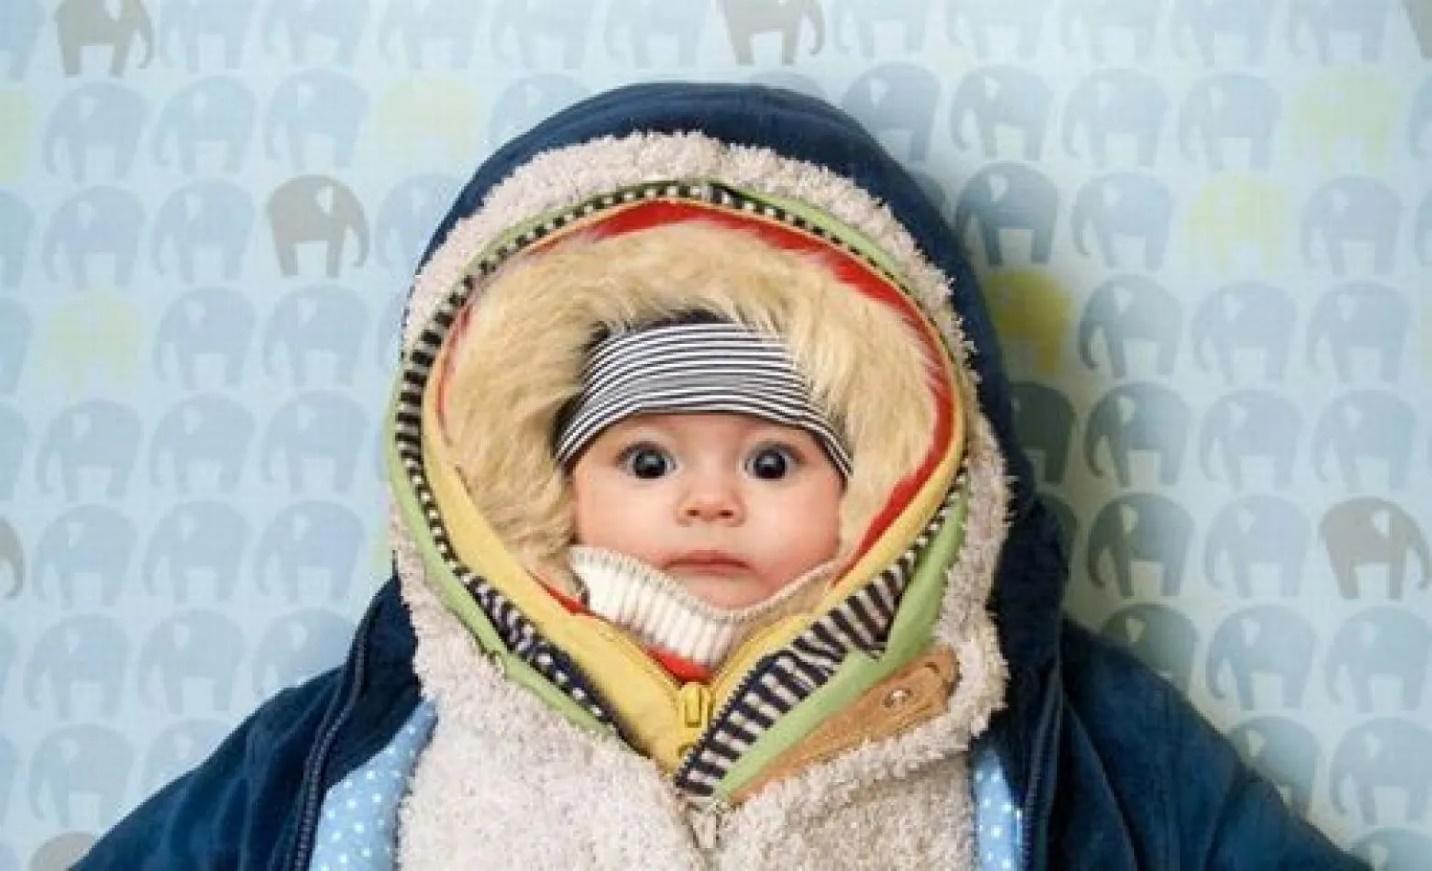 """5 thói quen tưởng chừng vô hại nhưng khiến con """"hở tí là ốm"""" khi giao mùa, trở lạnh - 1"""